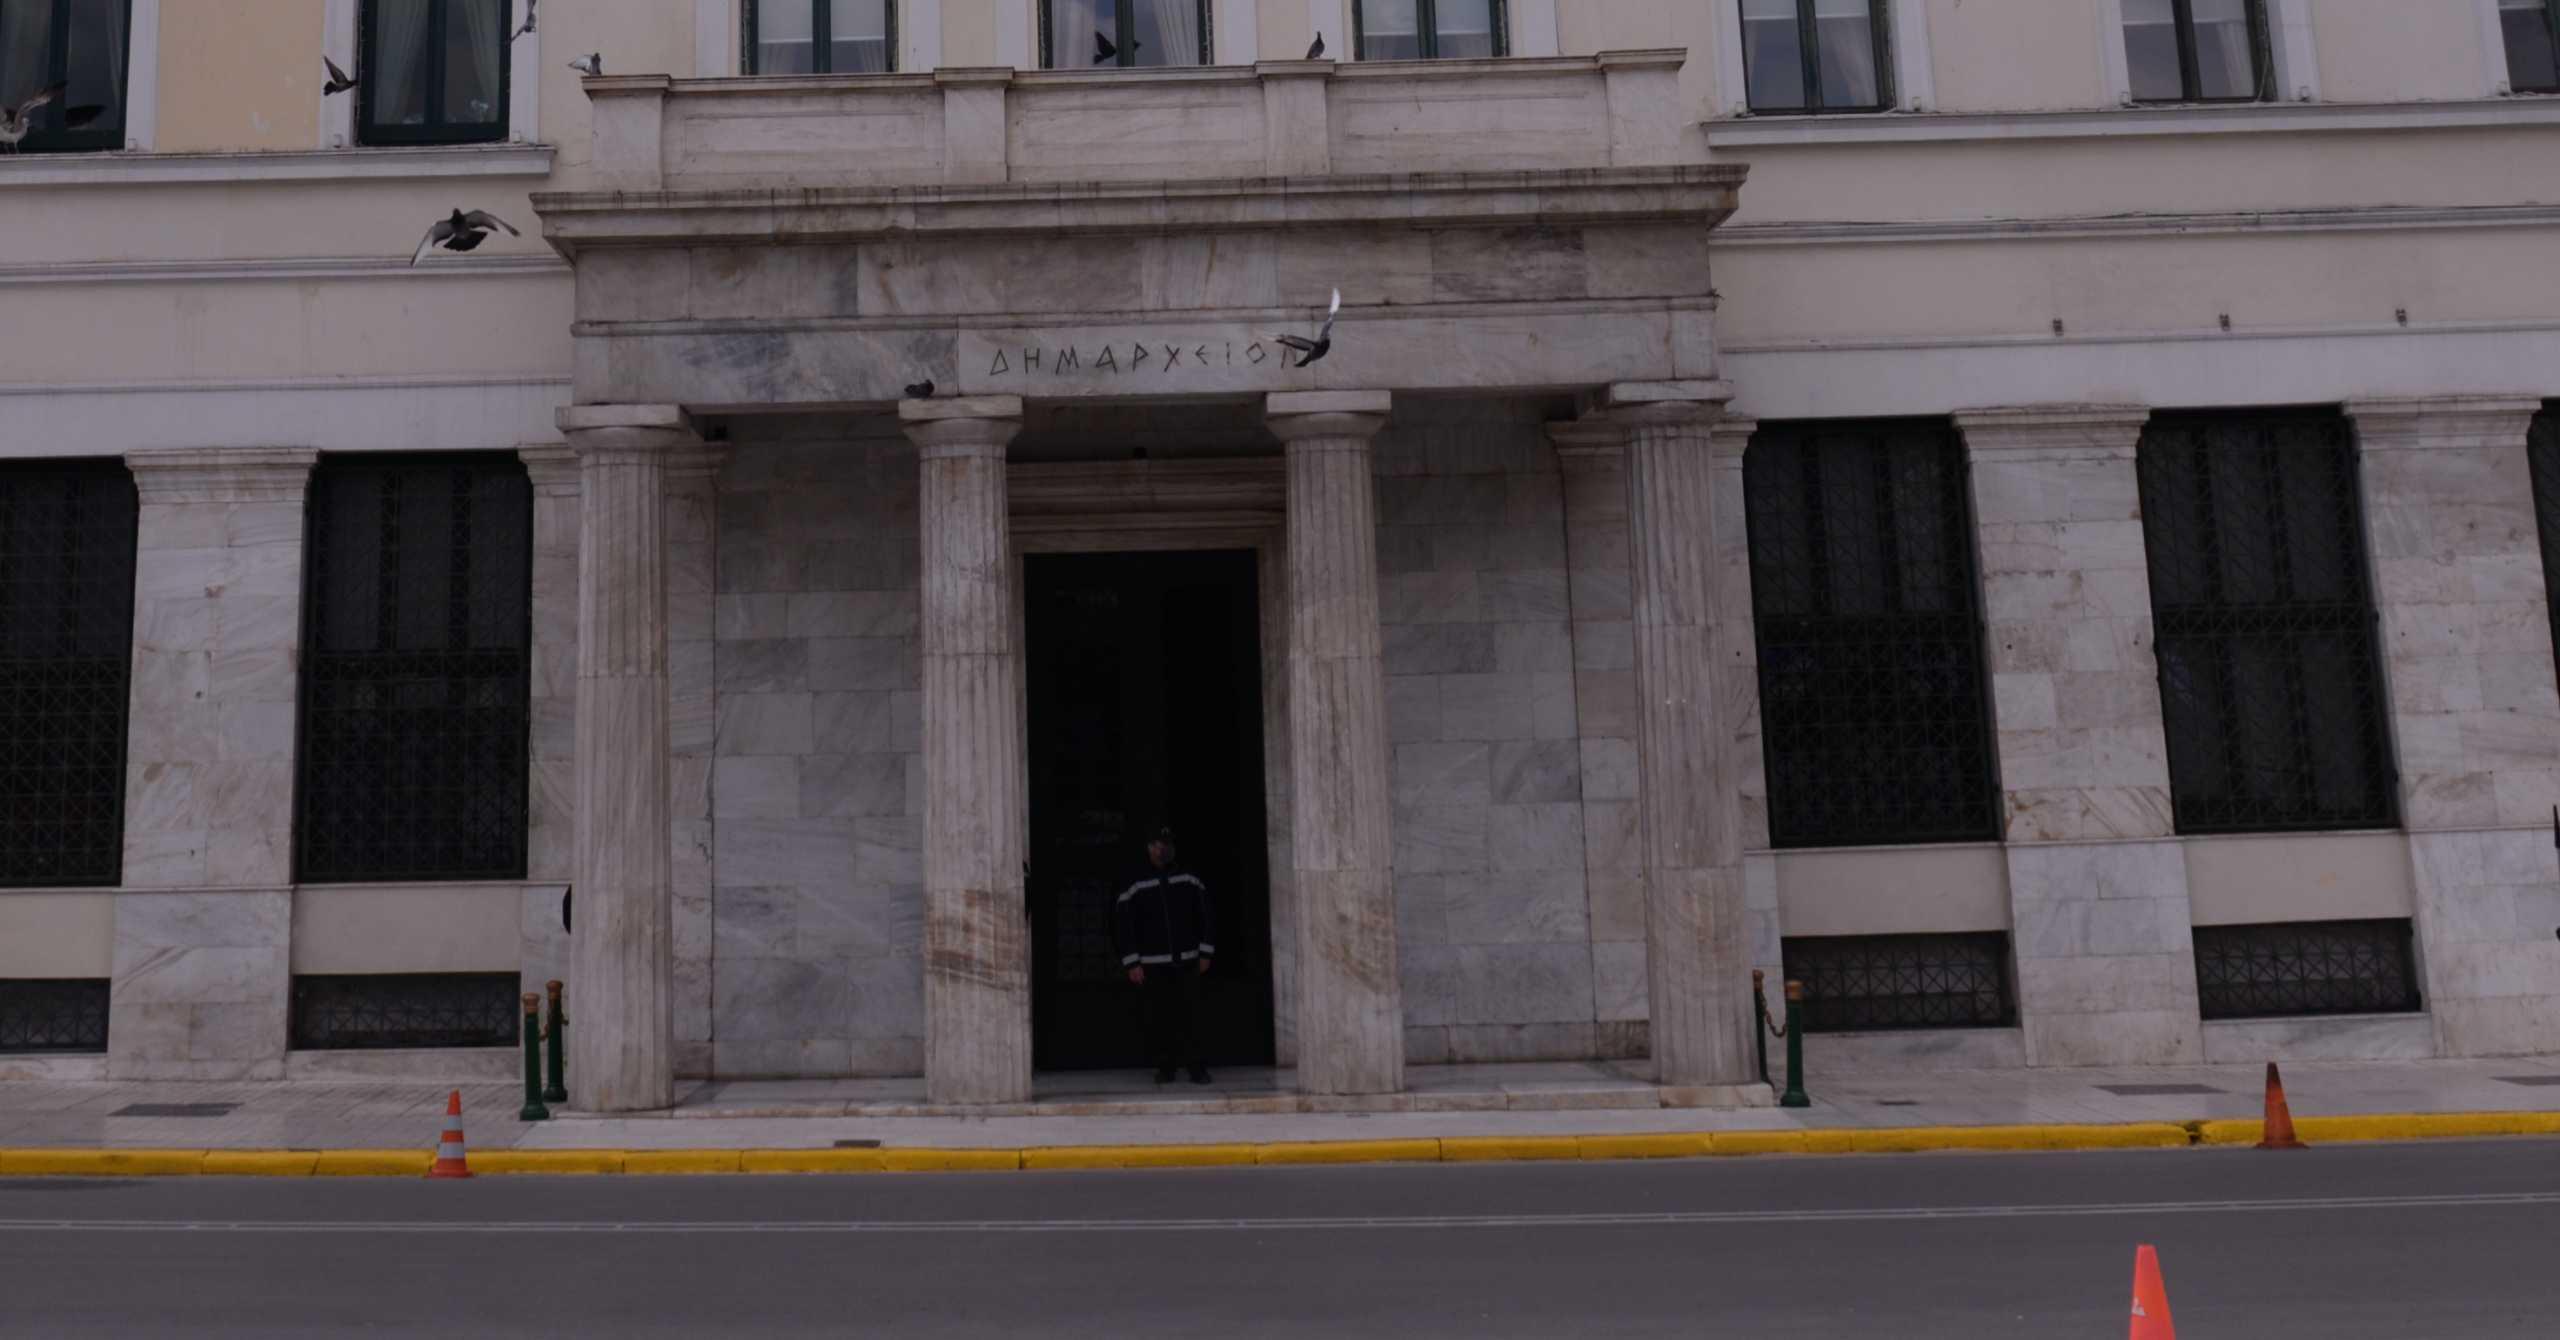 Πέθανε ο διευθυντής της Δημοτικής Αστυνομίας της Αθήνας